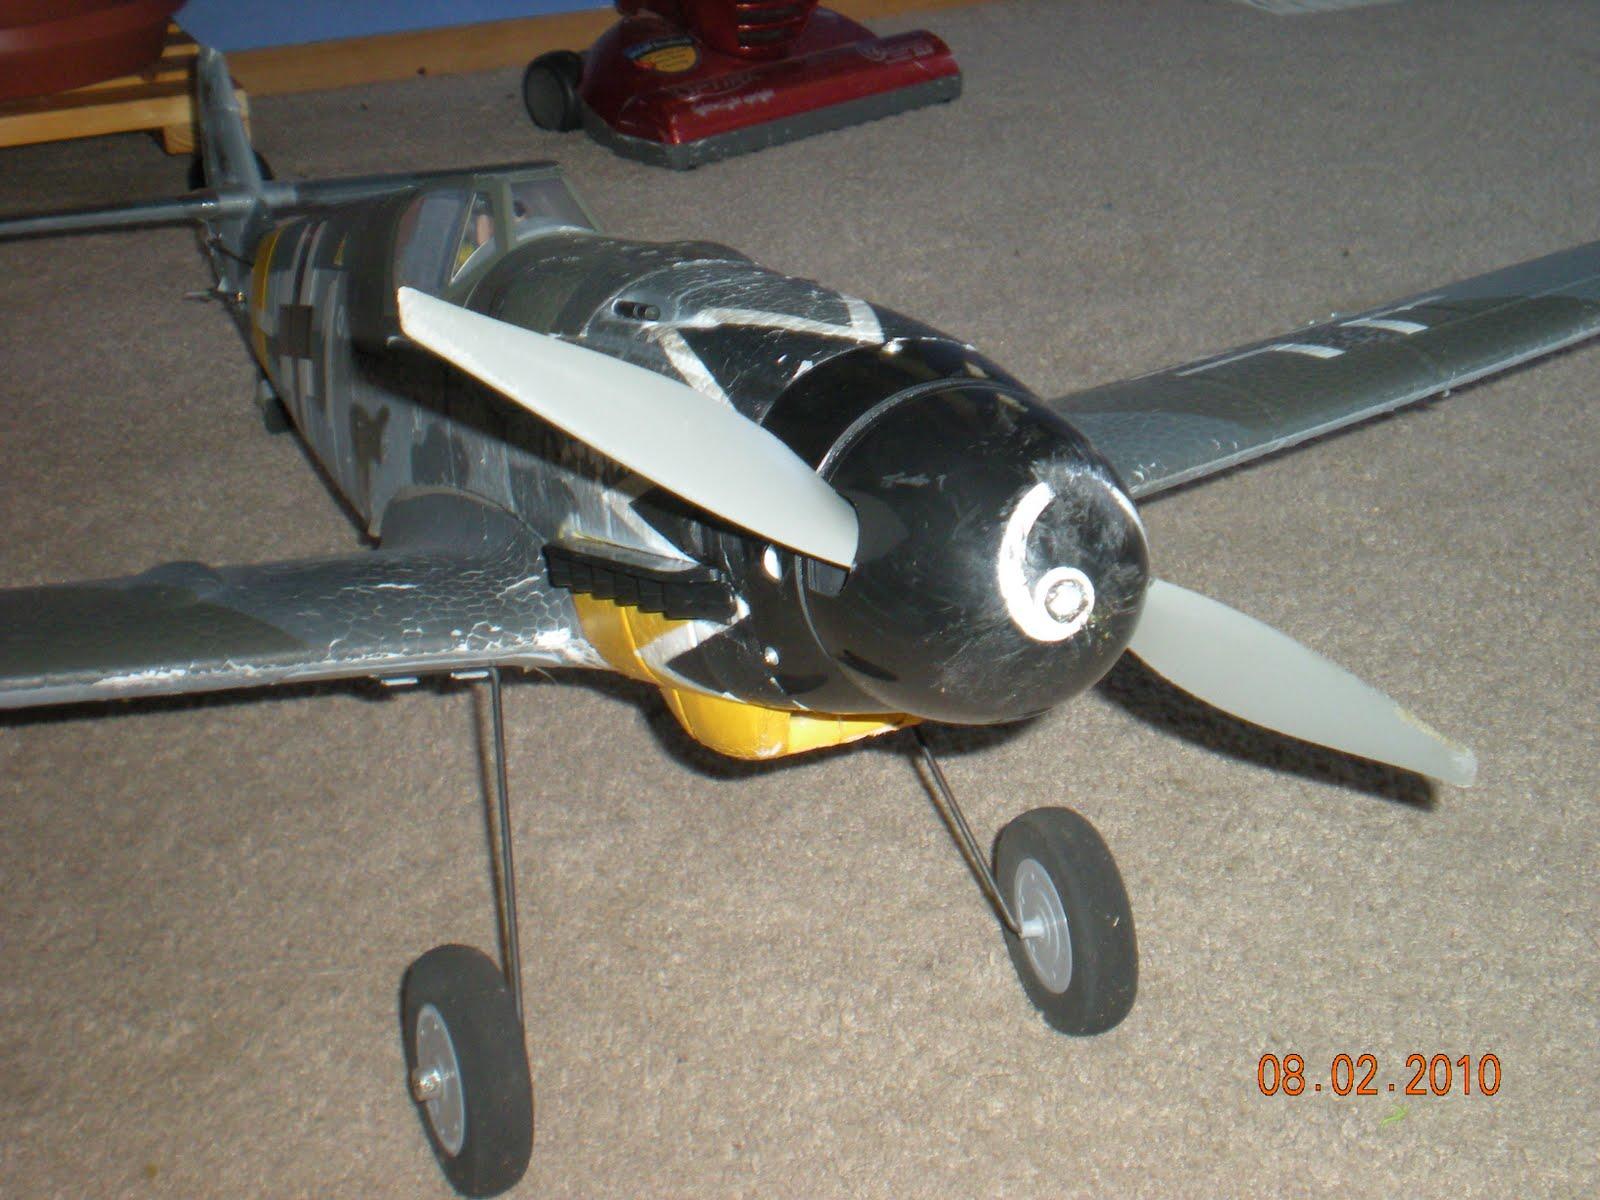 Indoor Rc Airplane Wallpaper PicsWallpapercom 1600x1200